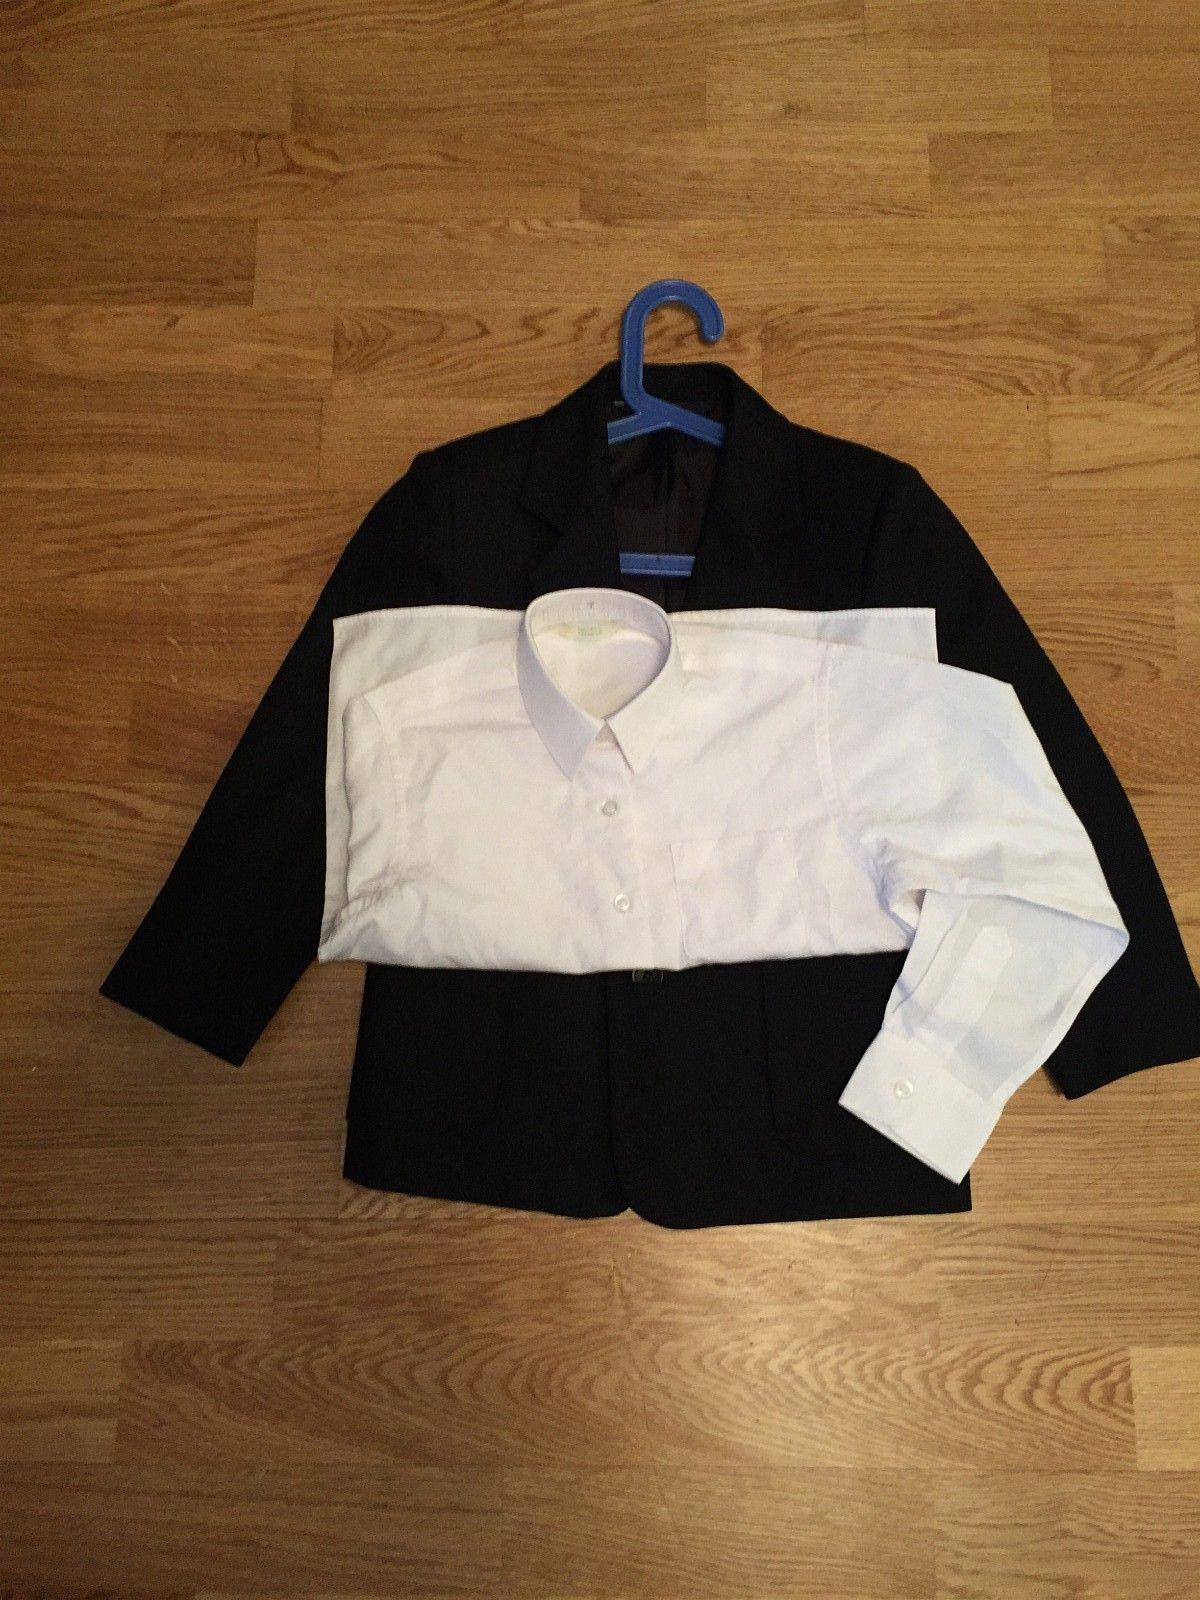 Blazer dressjakke (sort) & skjorte (116cm, 5-7 år) - Oslo  - Blazer dressjakke fra Bhs og skjorte fra Marks & Spencers i England. Jakka er brukt bare en gang og skjorta er ubrukt. Selges sammen til 200kr. Kan hentes i Oslo eller kan sendes. - Oslo